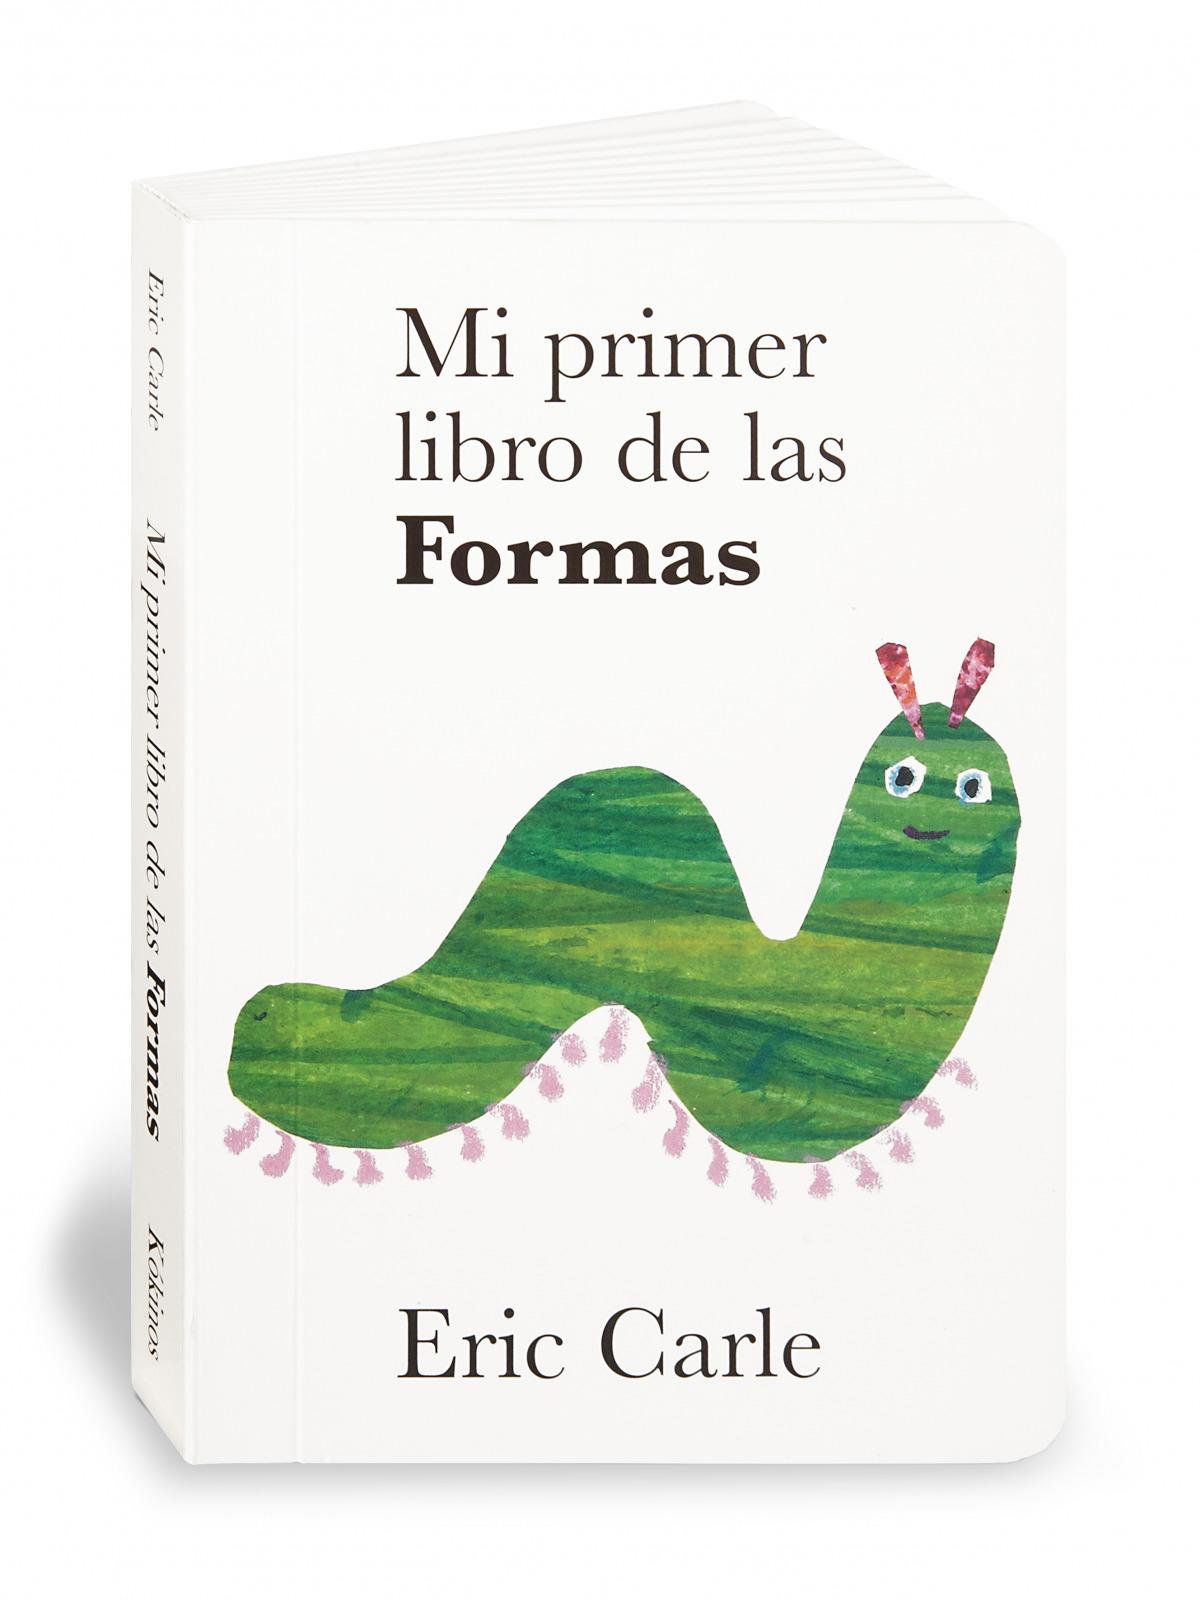 Mi primer libro de las formas - Carle, Eric